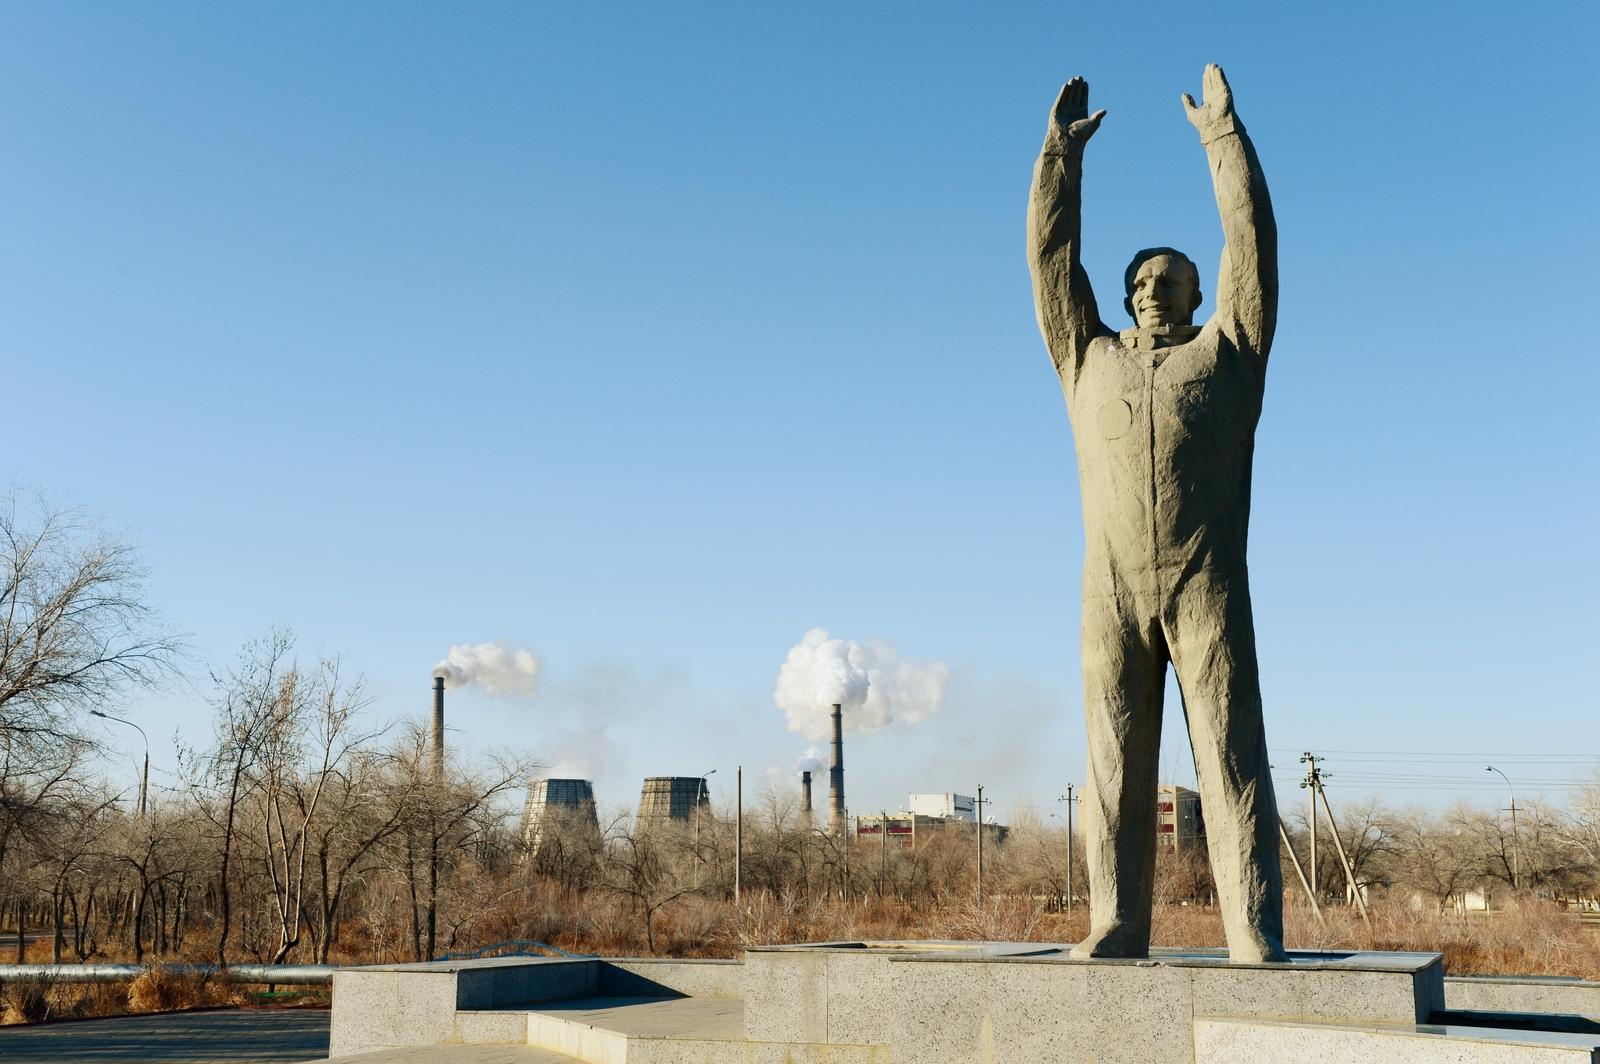 СЭЗ на Байконуре позволит найти инвесторов, считают в Казахстане